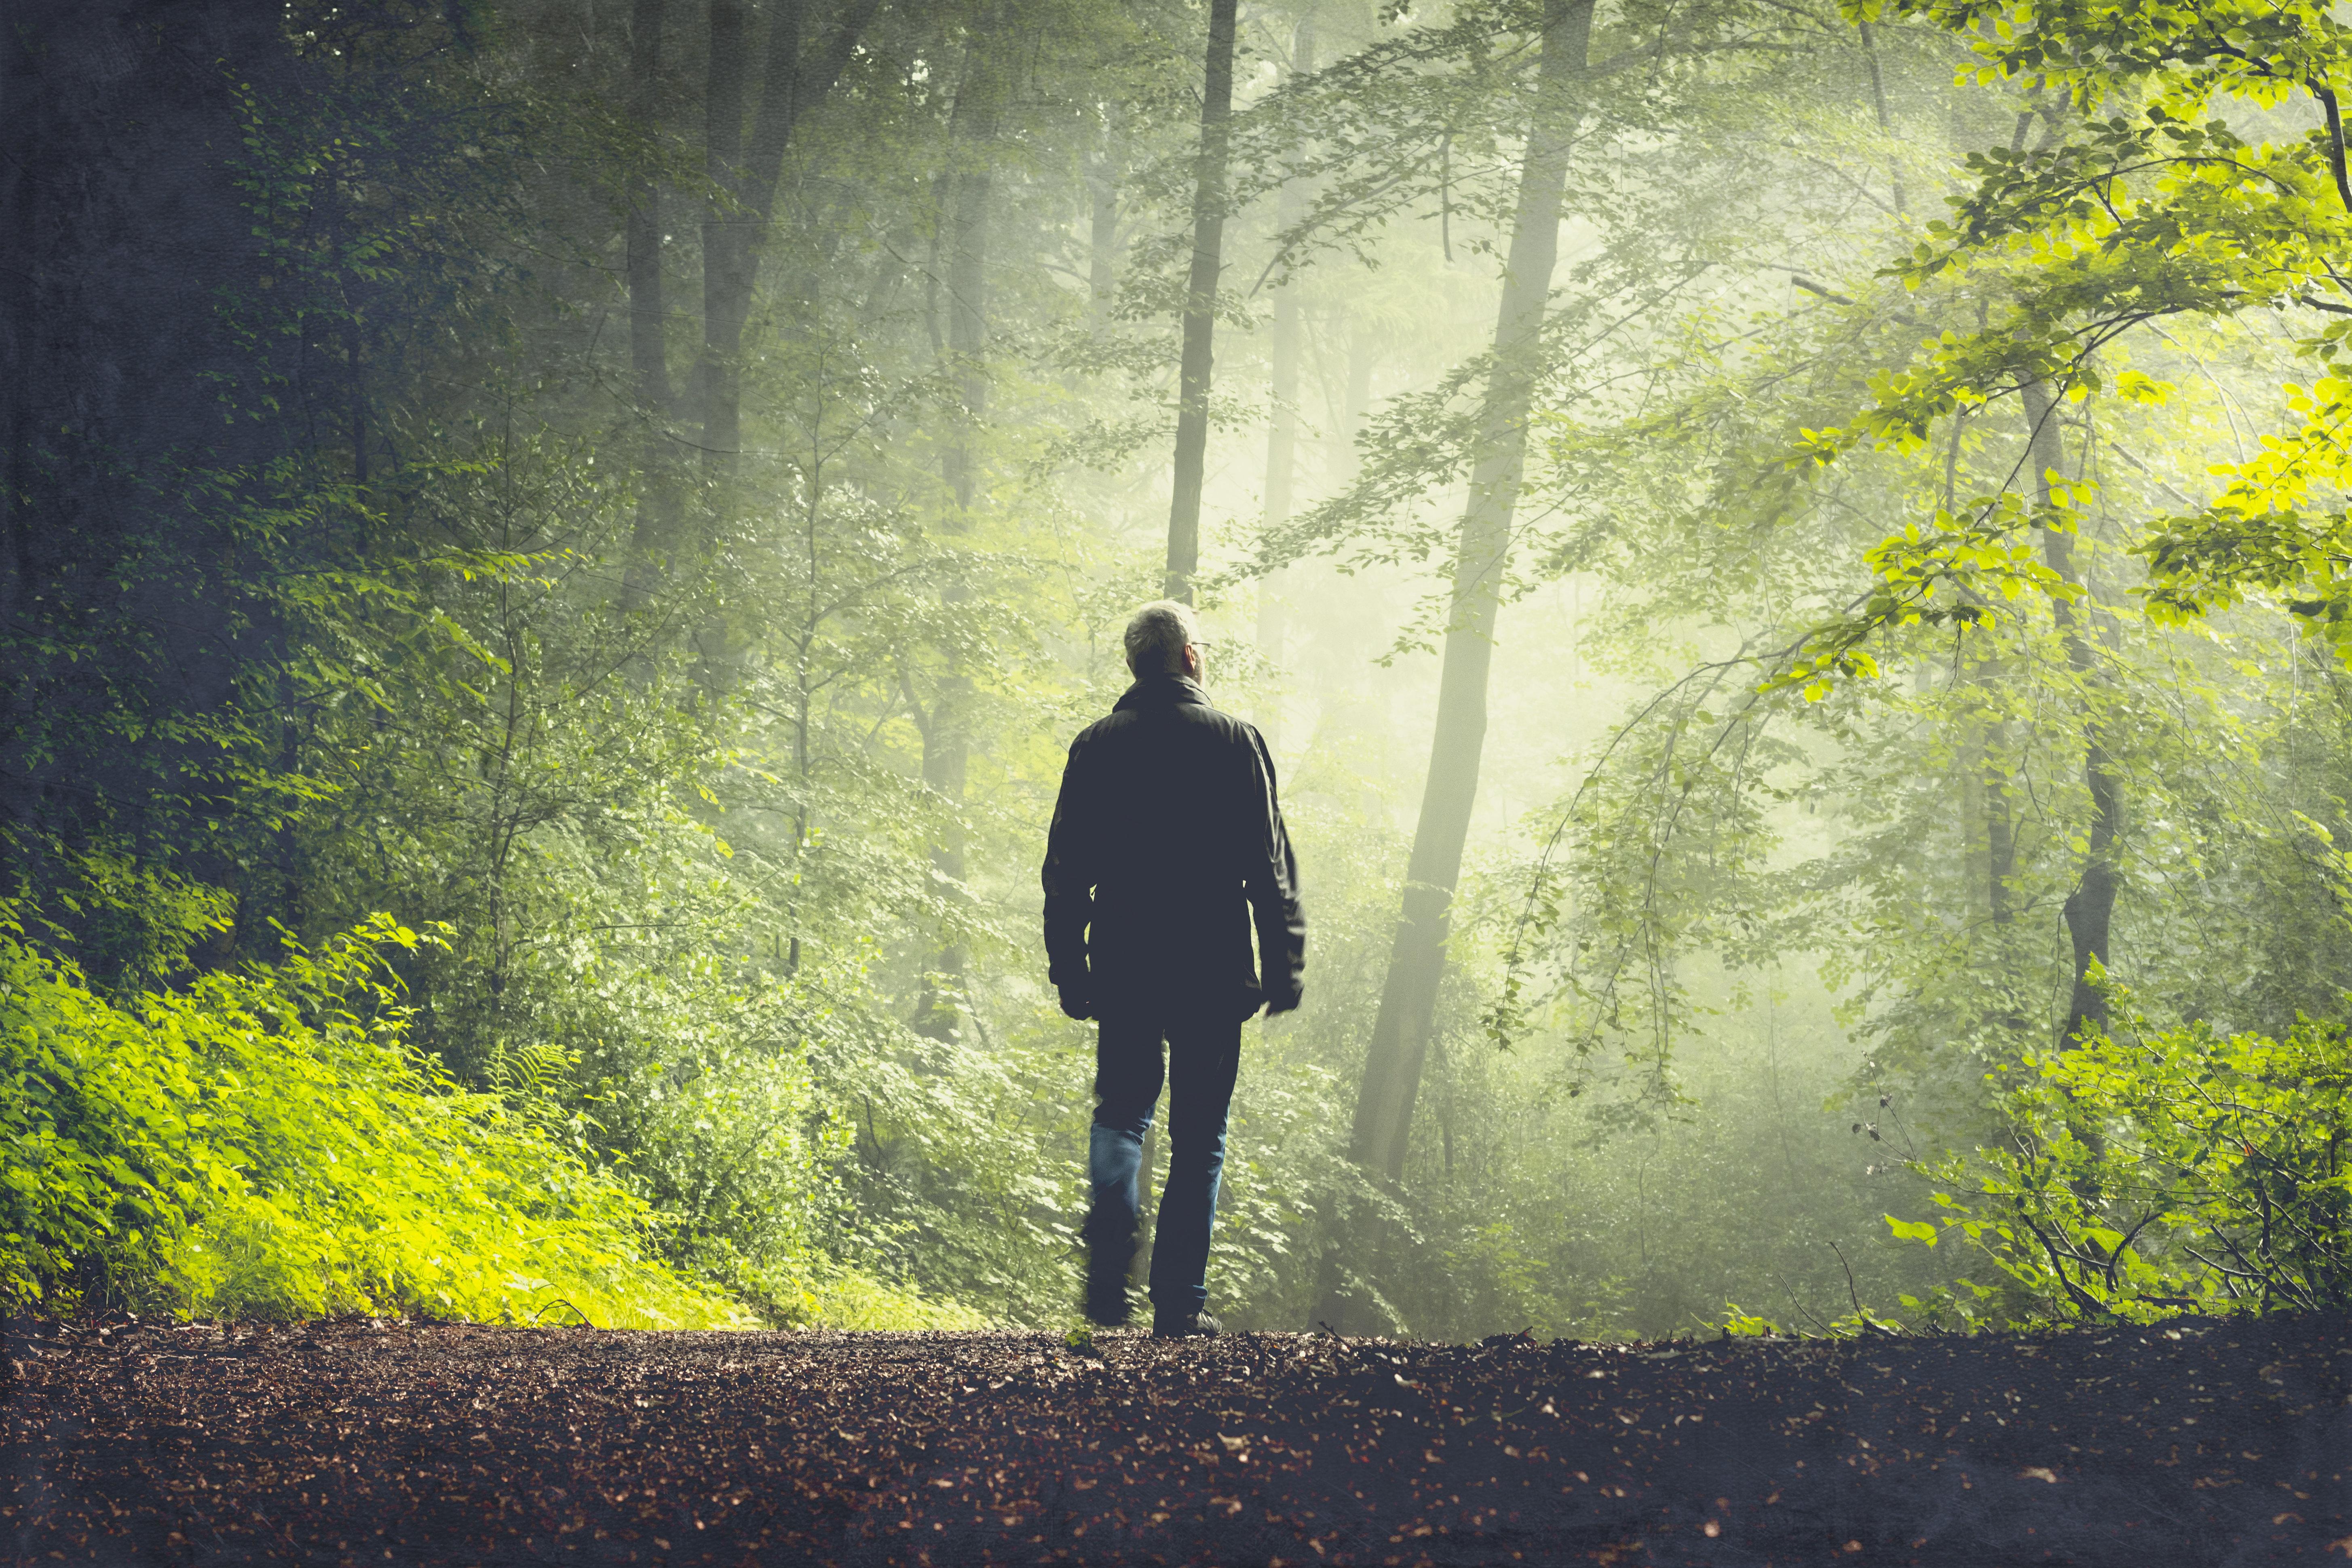 Schon nach kurzer Zeit habe ich das Gefühl, dass mich der Wald